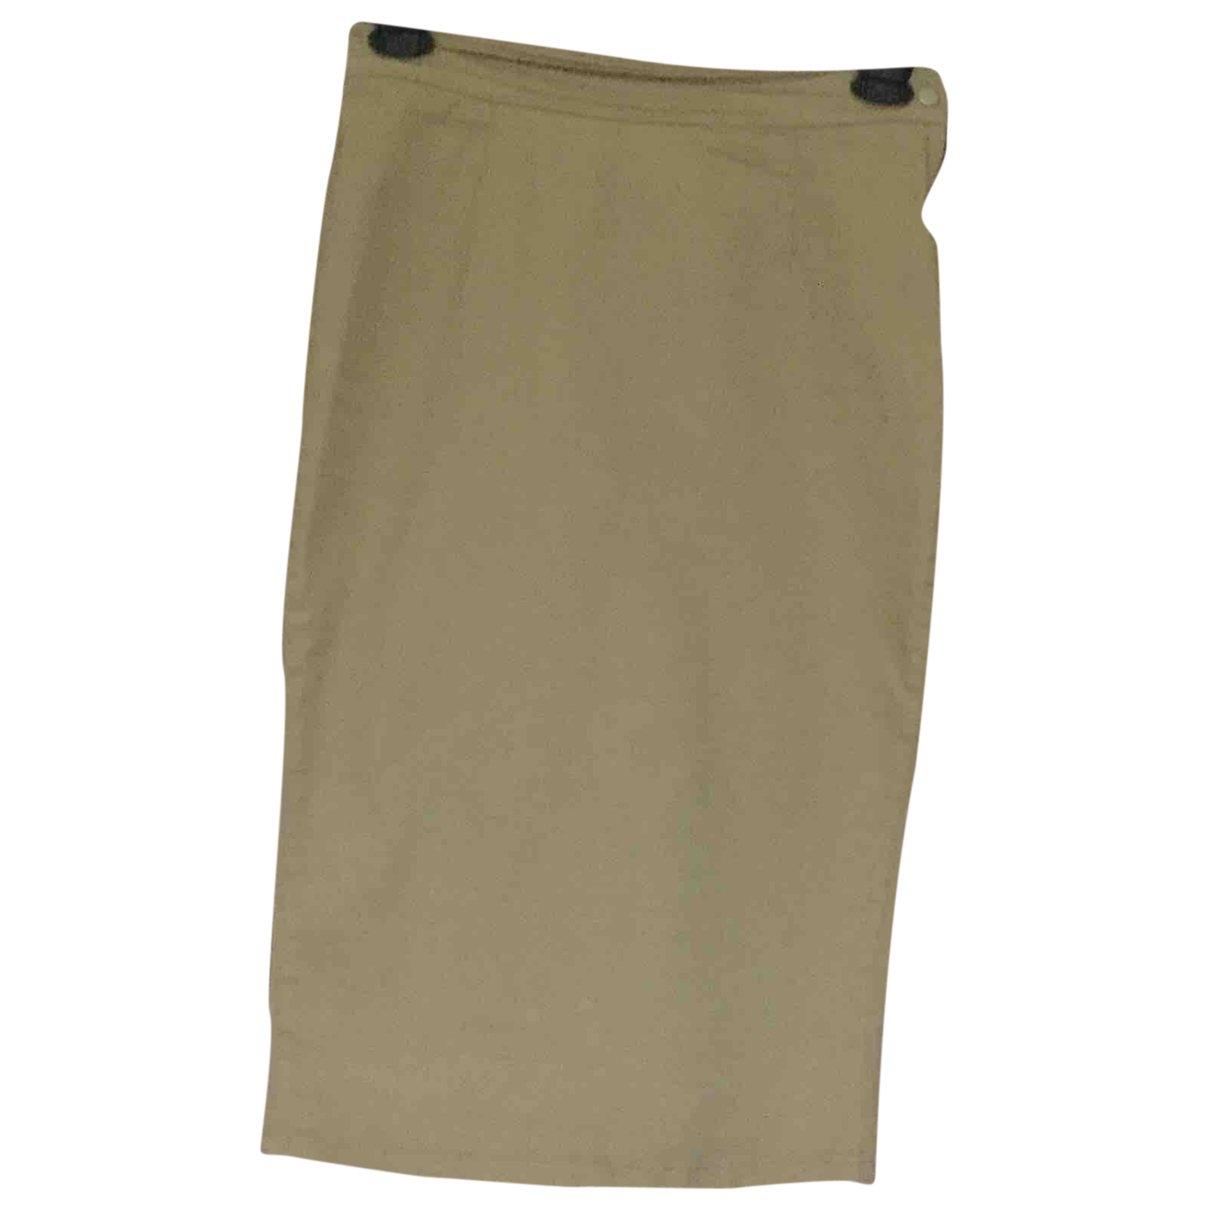 D&g \N Khaki Cotton - elasthane skirt for Women 40 IT